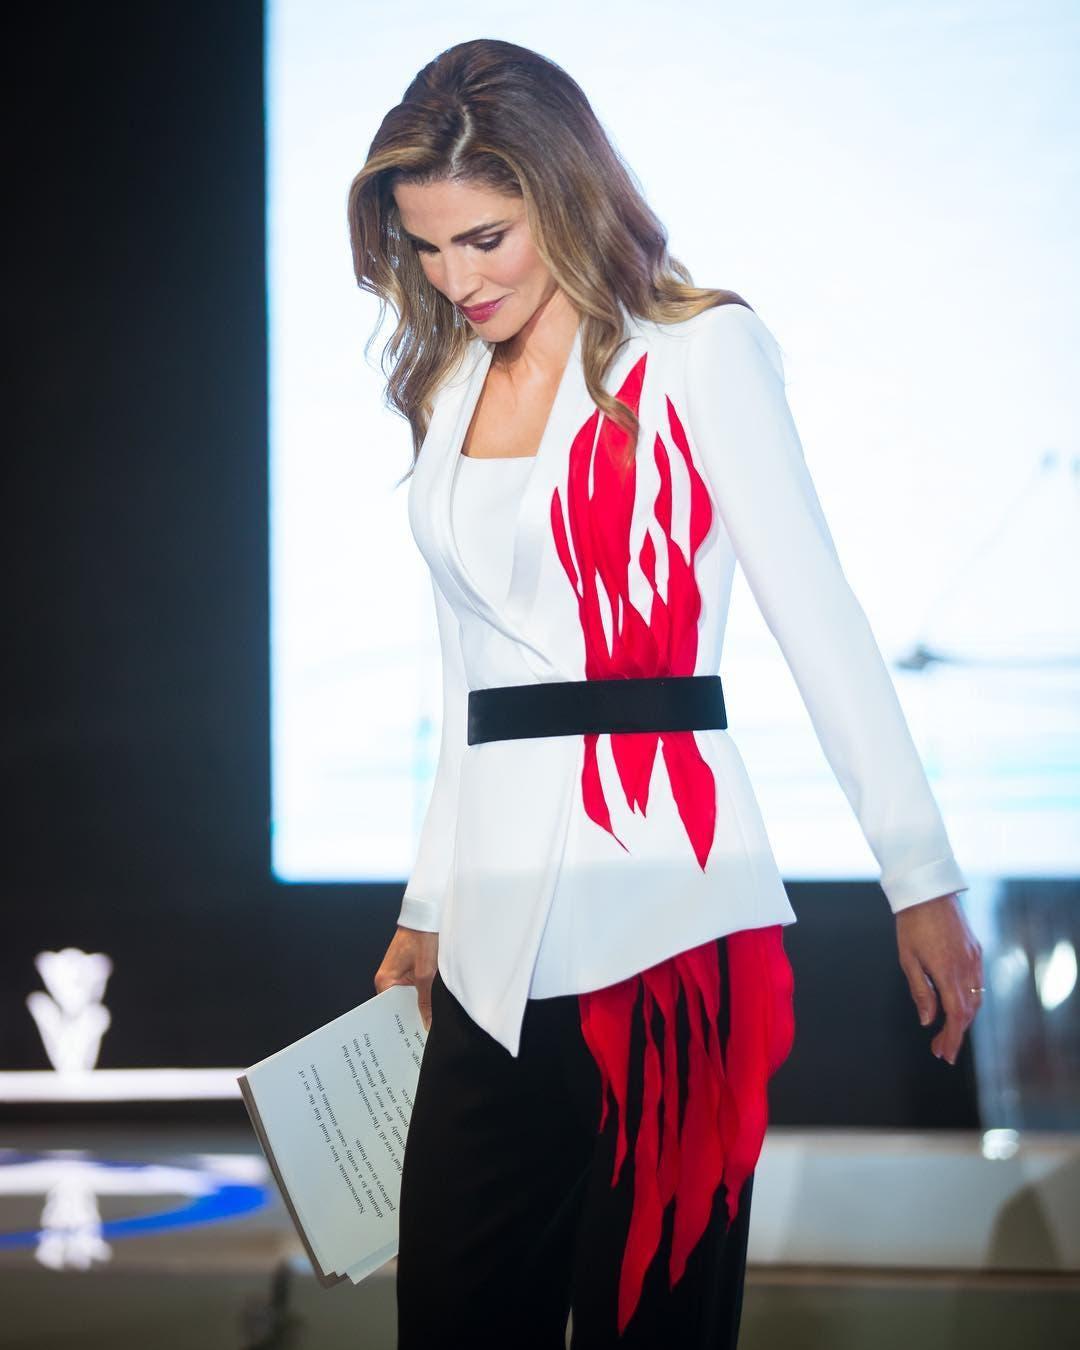 f8dc6c83 346e 48d0 b368 6d10b7221c75 الملكة رانيا ...أكثرهن أناقة ..ولباقة